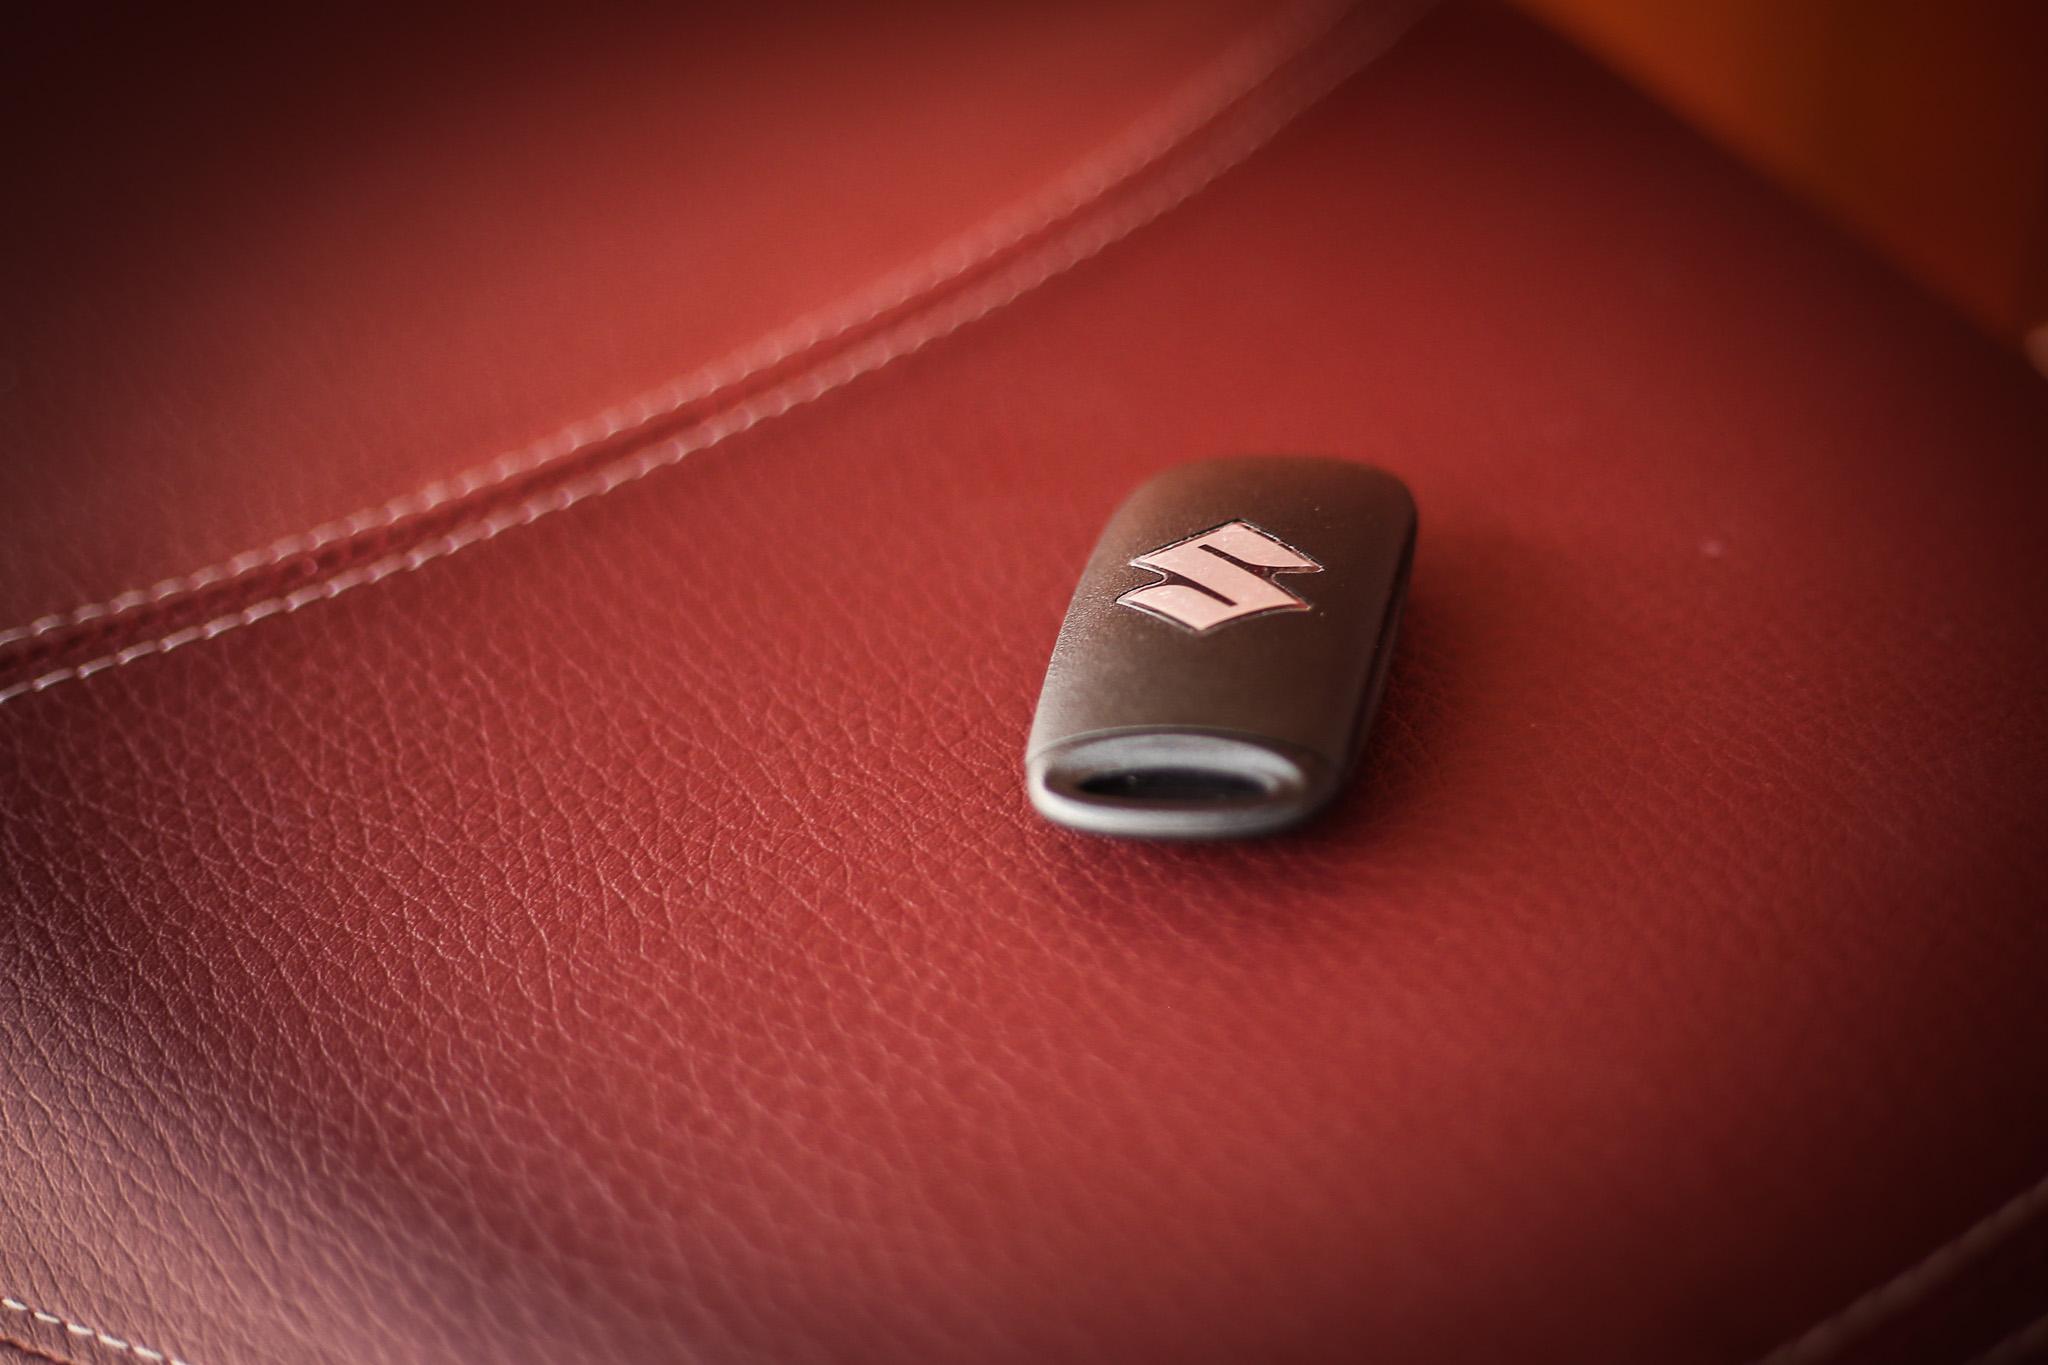 Keyless鑰匙功能只要靠近車輛就可解鎖啟動,更為便利。